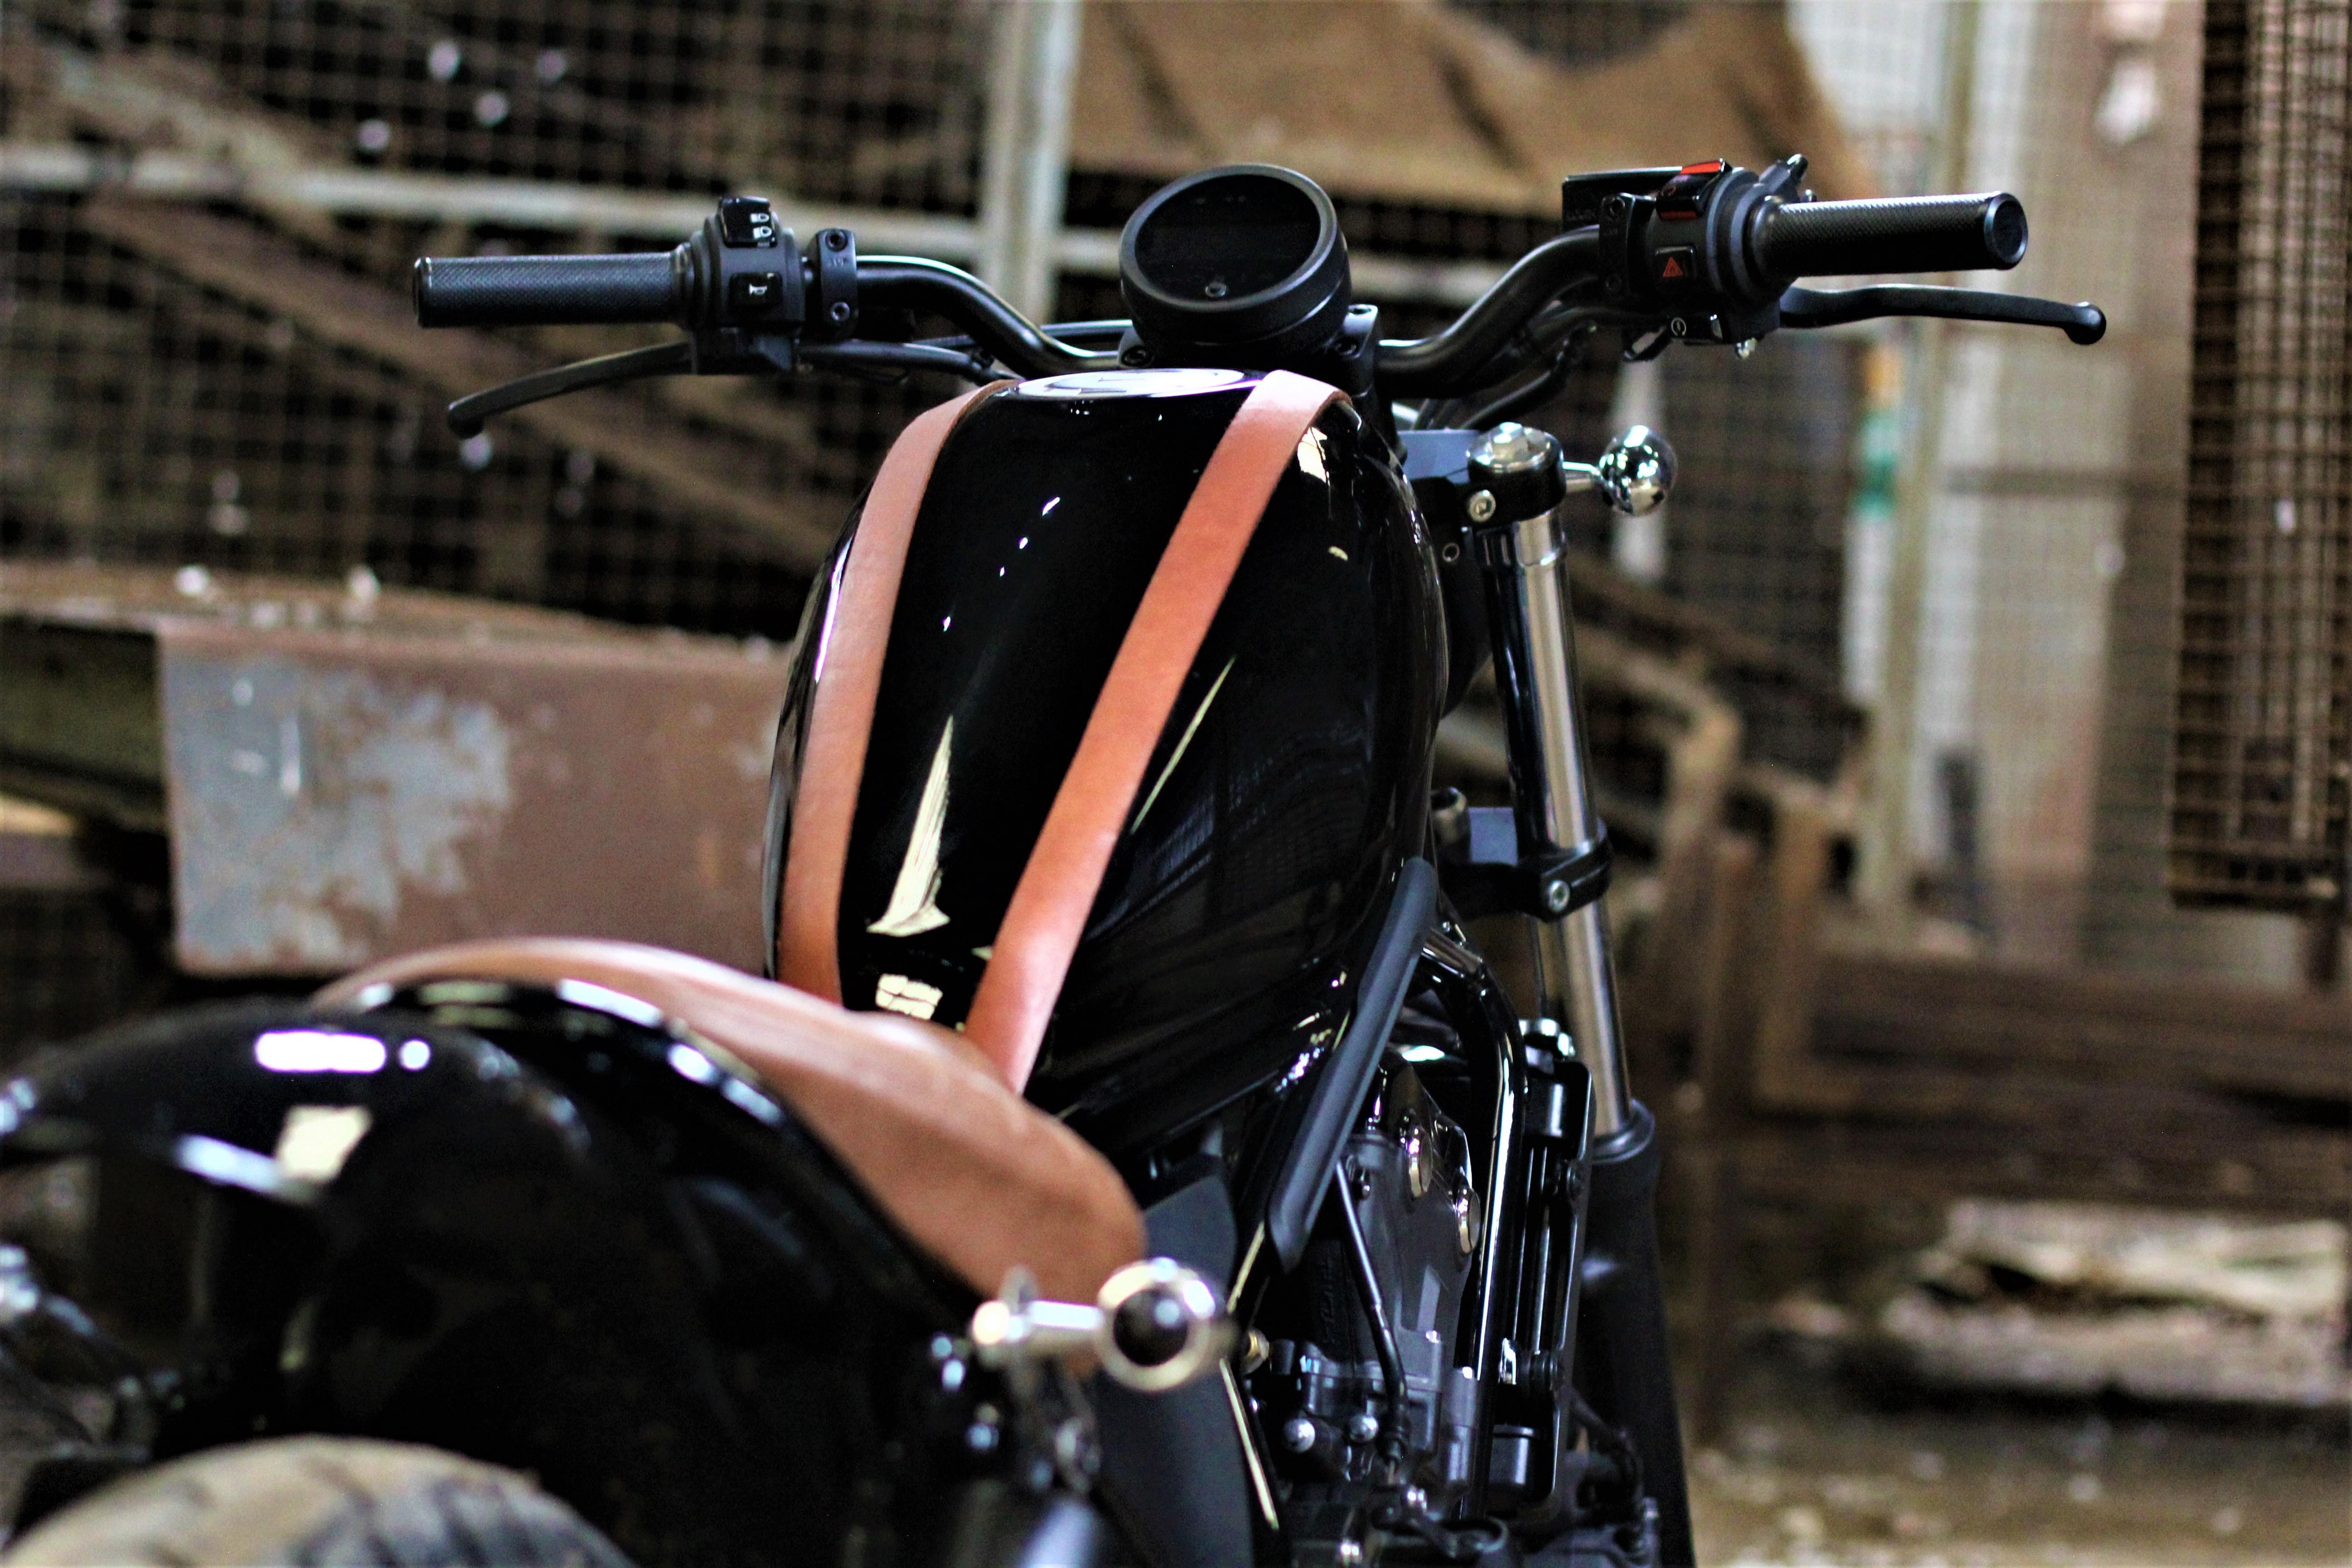 Honda CMX 500 rear